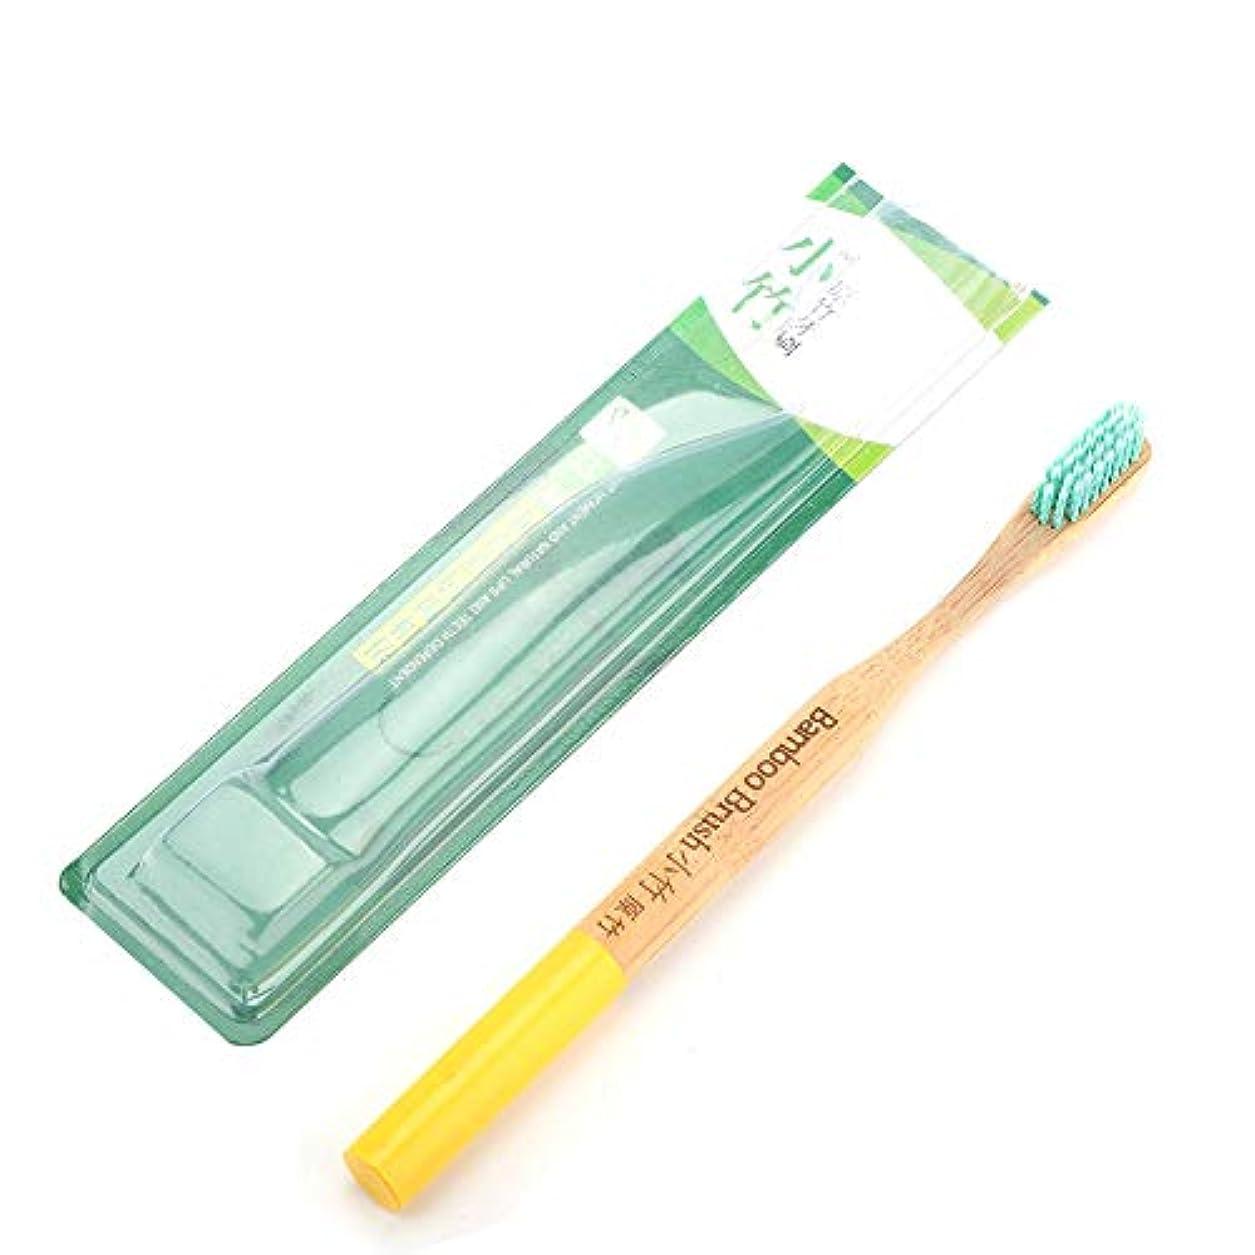 控えめな髄分離静菌軟毛竹柄歯ブラシ